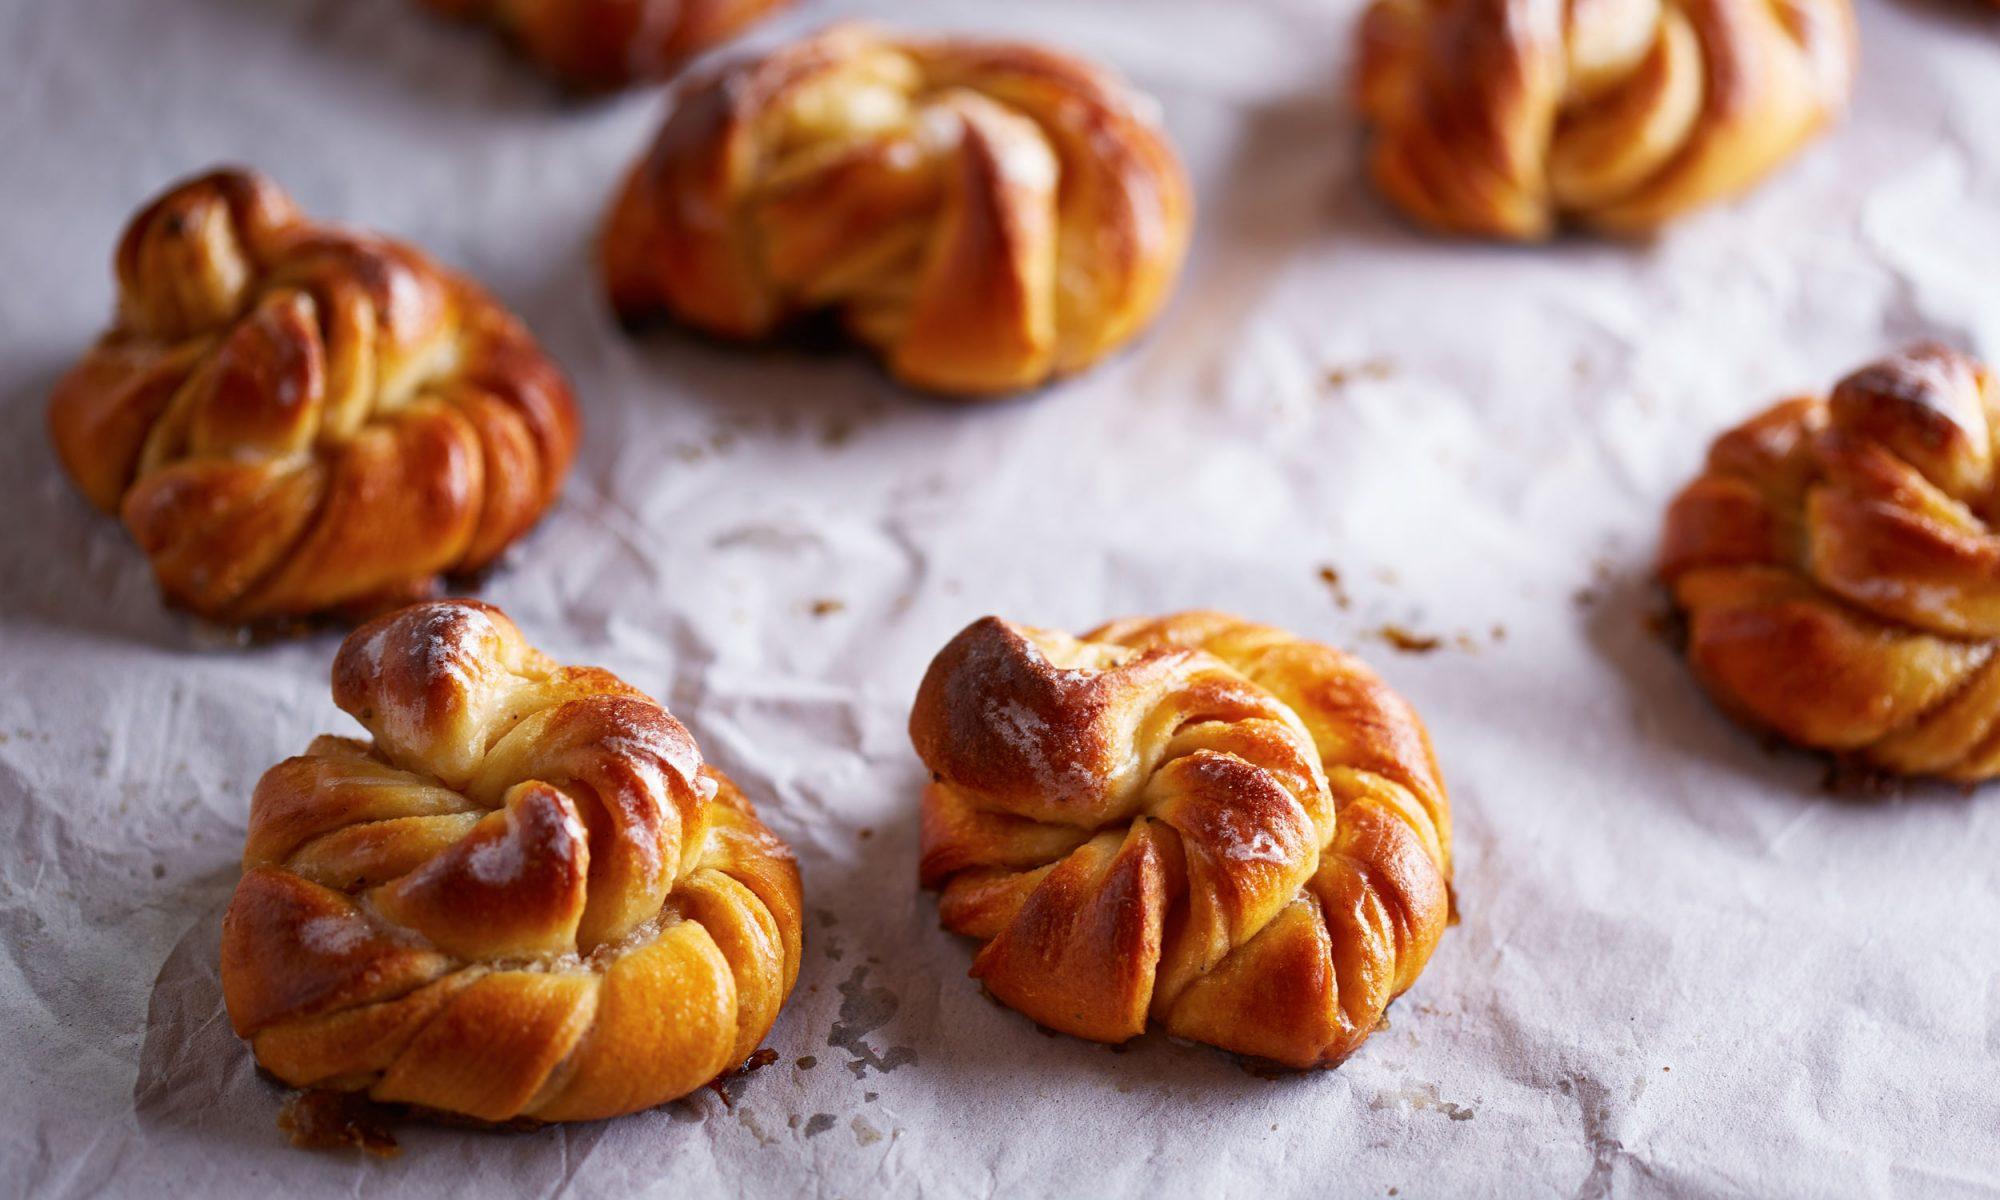 EC: Scandinavian Pastries Are the Best